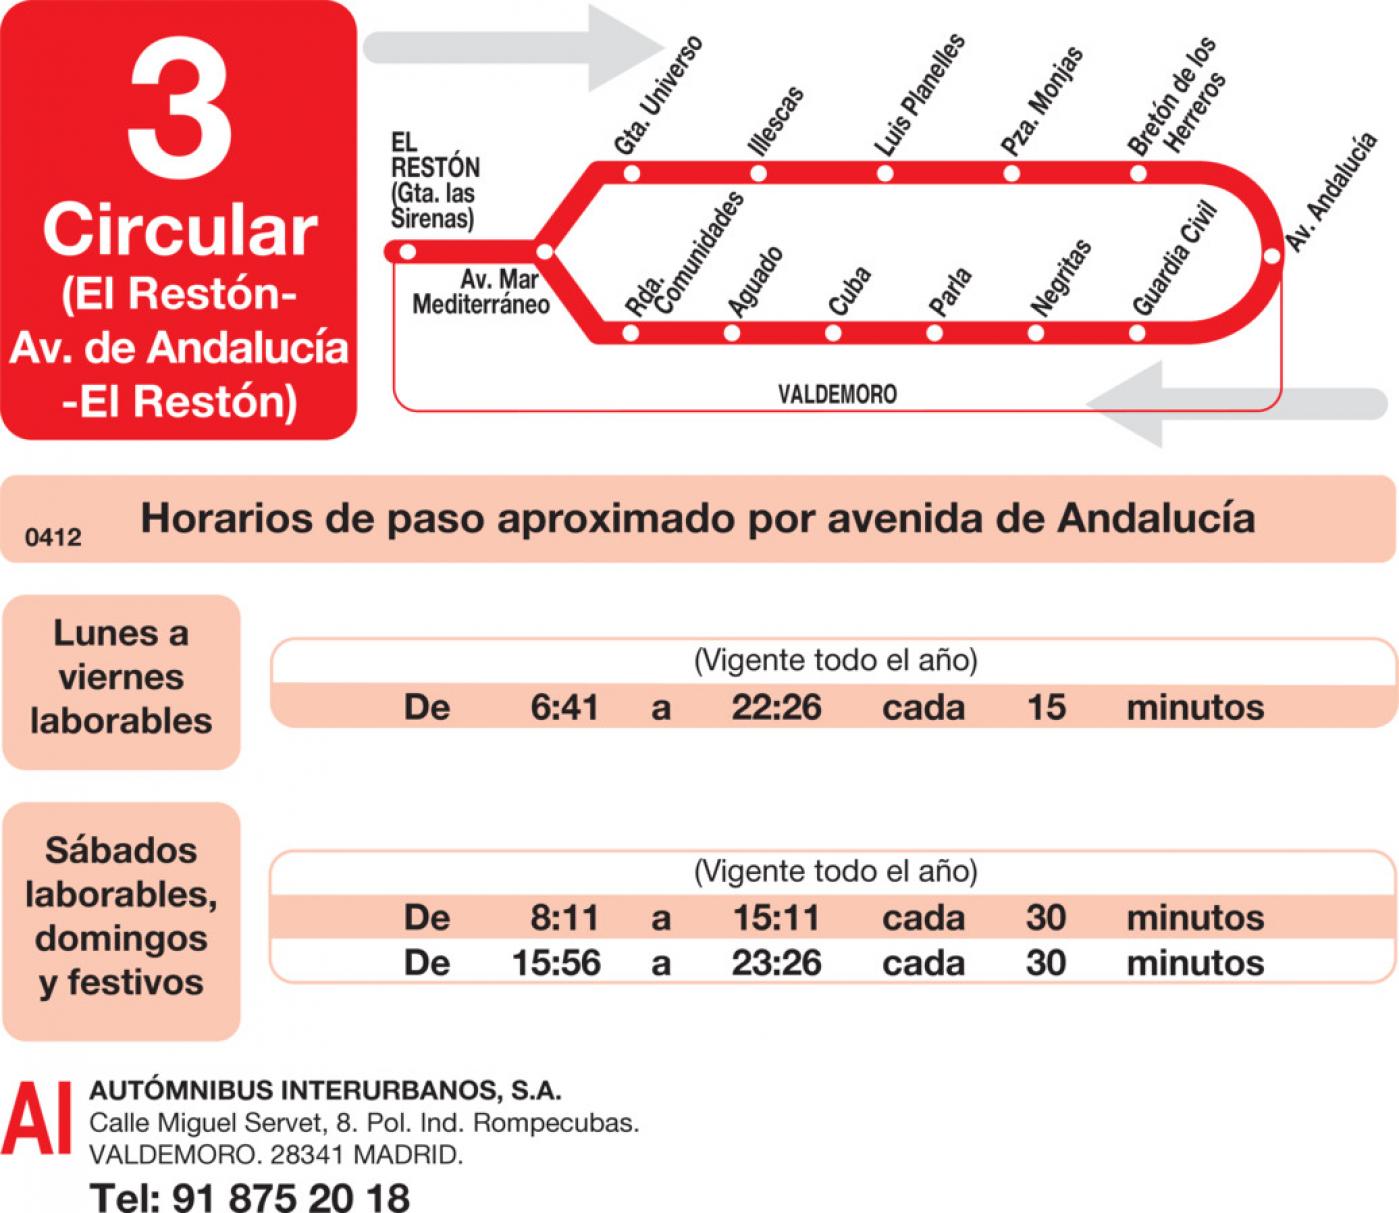 Tabla de horarios y frecuencias de paso en sentido vuelta Línea L-3 Valdemoro: Circular - Avenida de Andalucía - El Restón